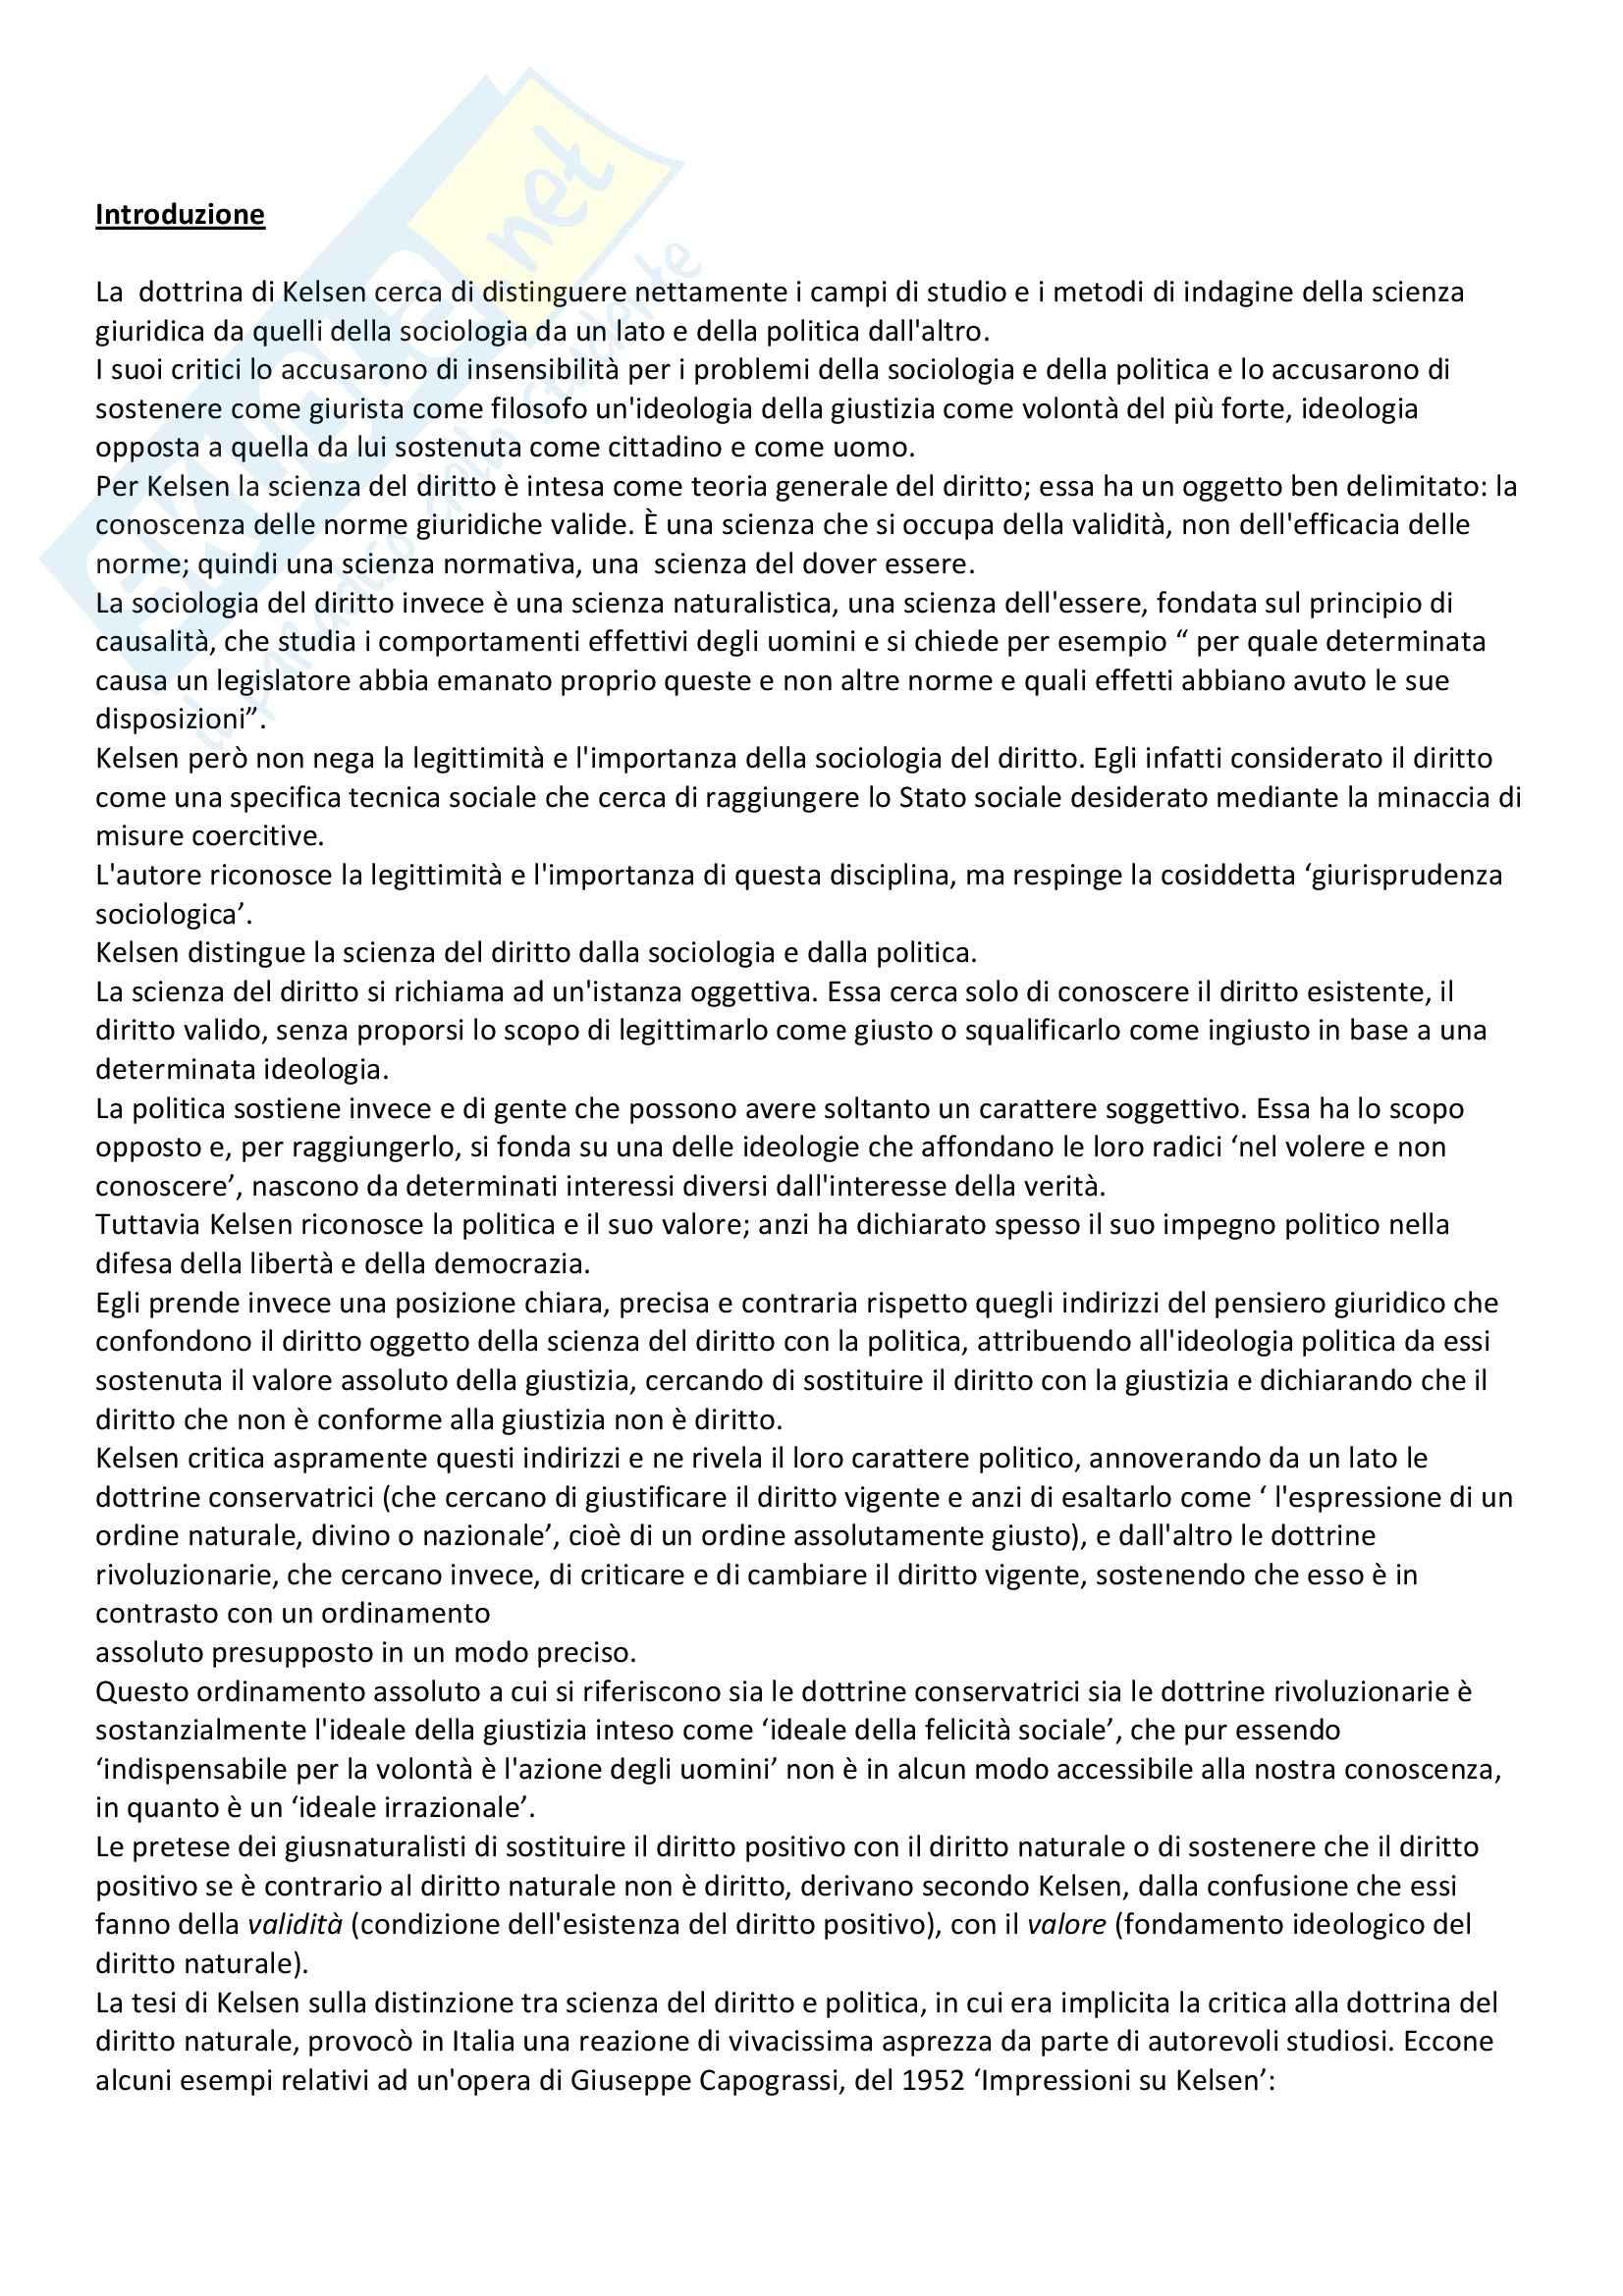 Lineamenti di dottrina pura del diritto, Kelsen - Appunti